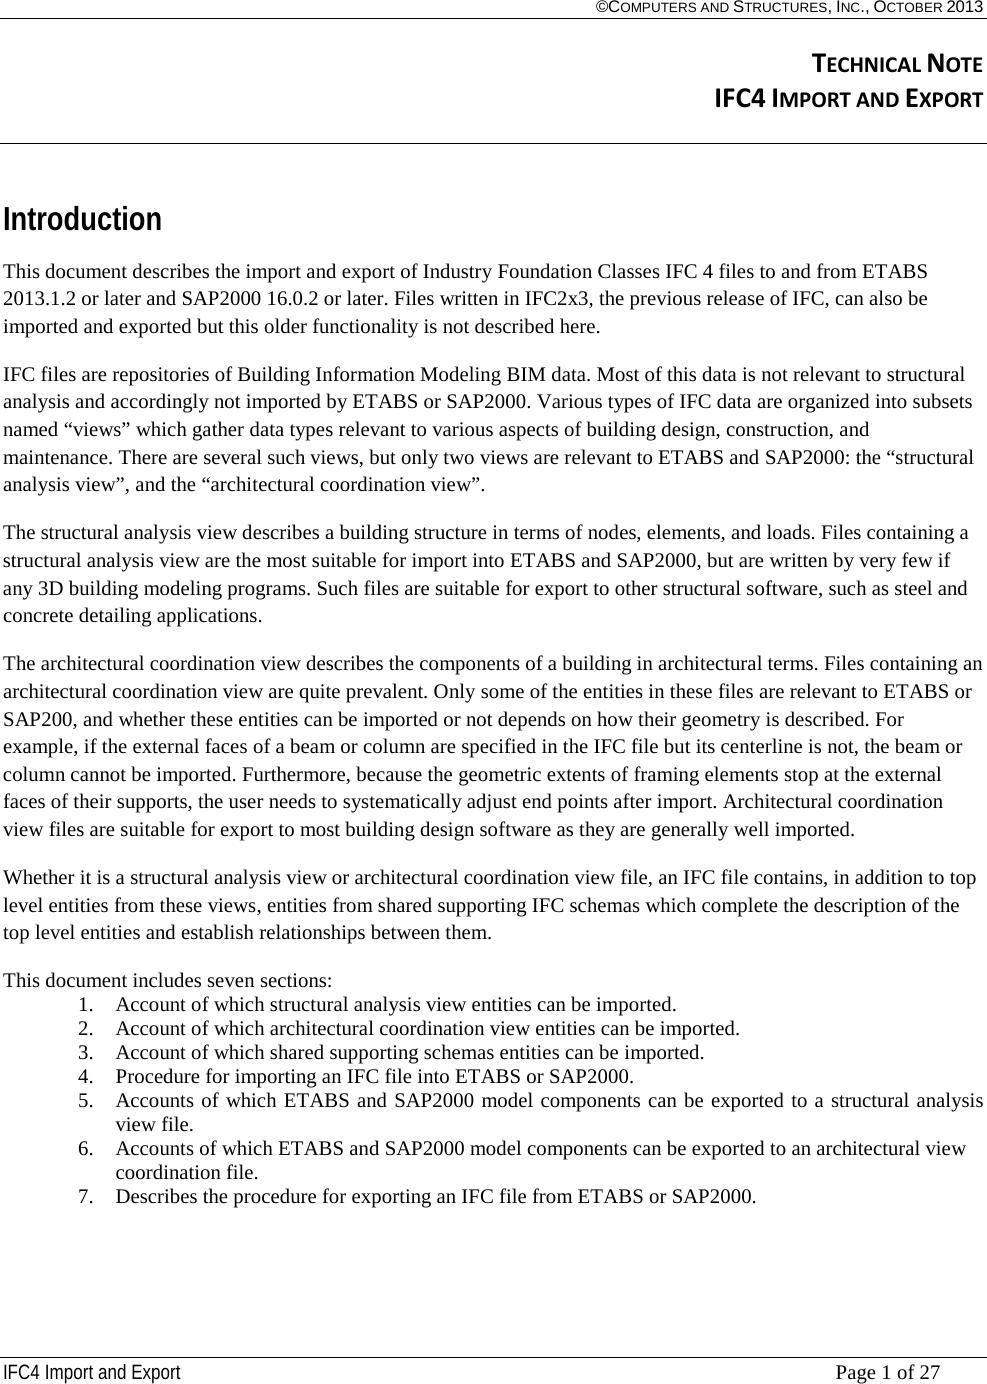 CSiXRevit Manual S TN IFC 001